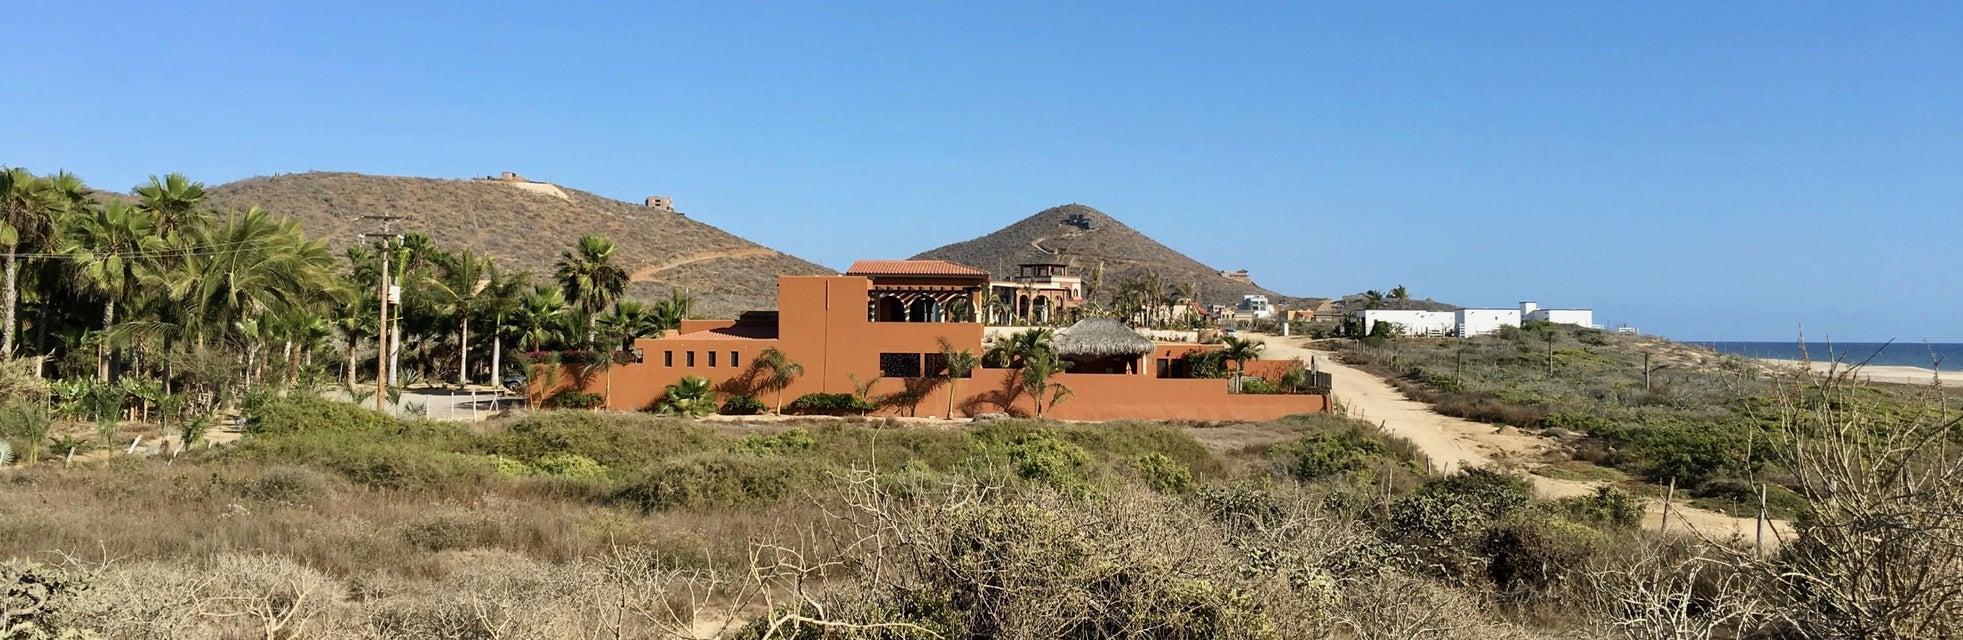 Villa Ventanas-52